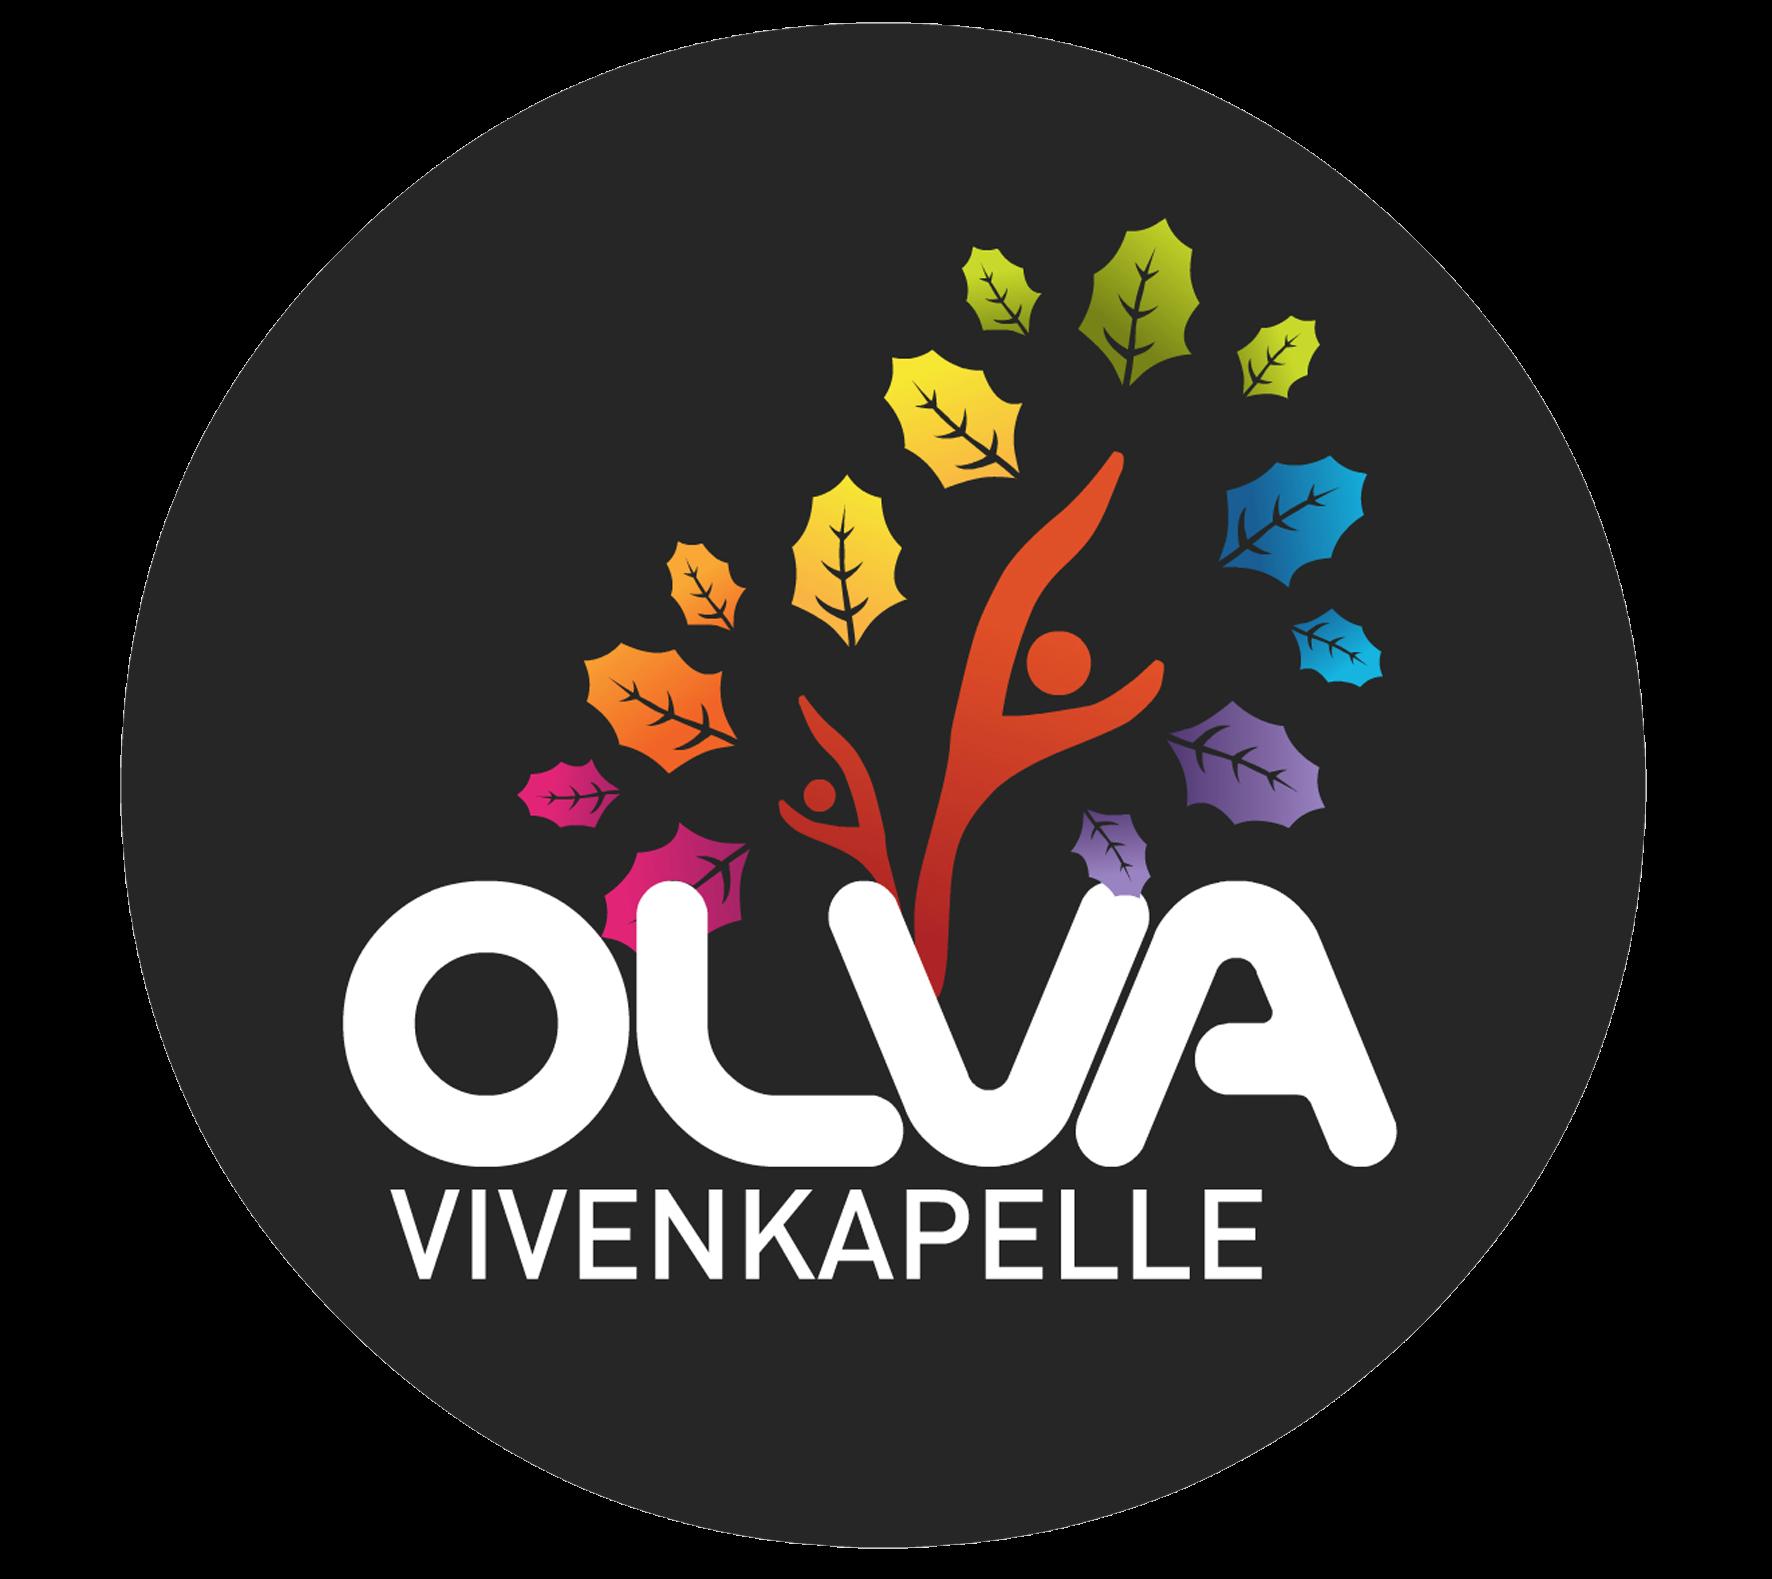 OLVA VIVENKAPELLE